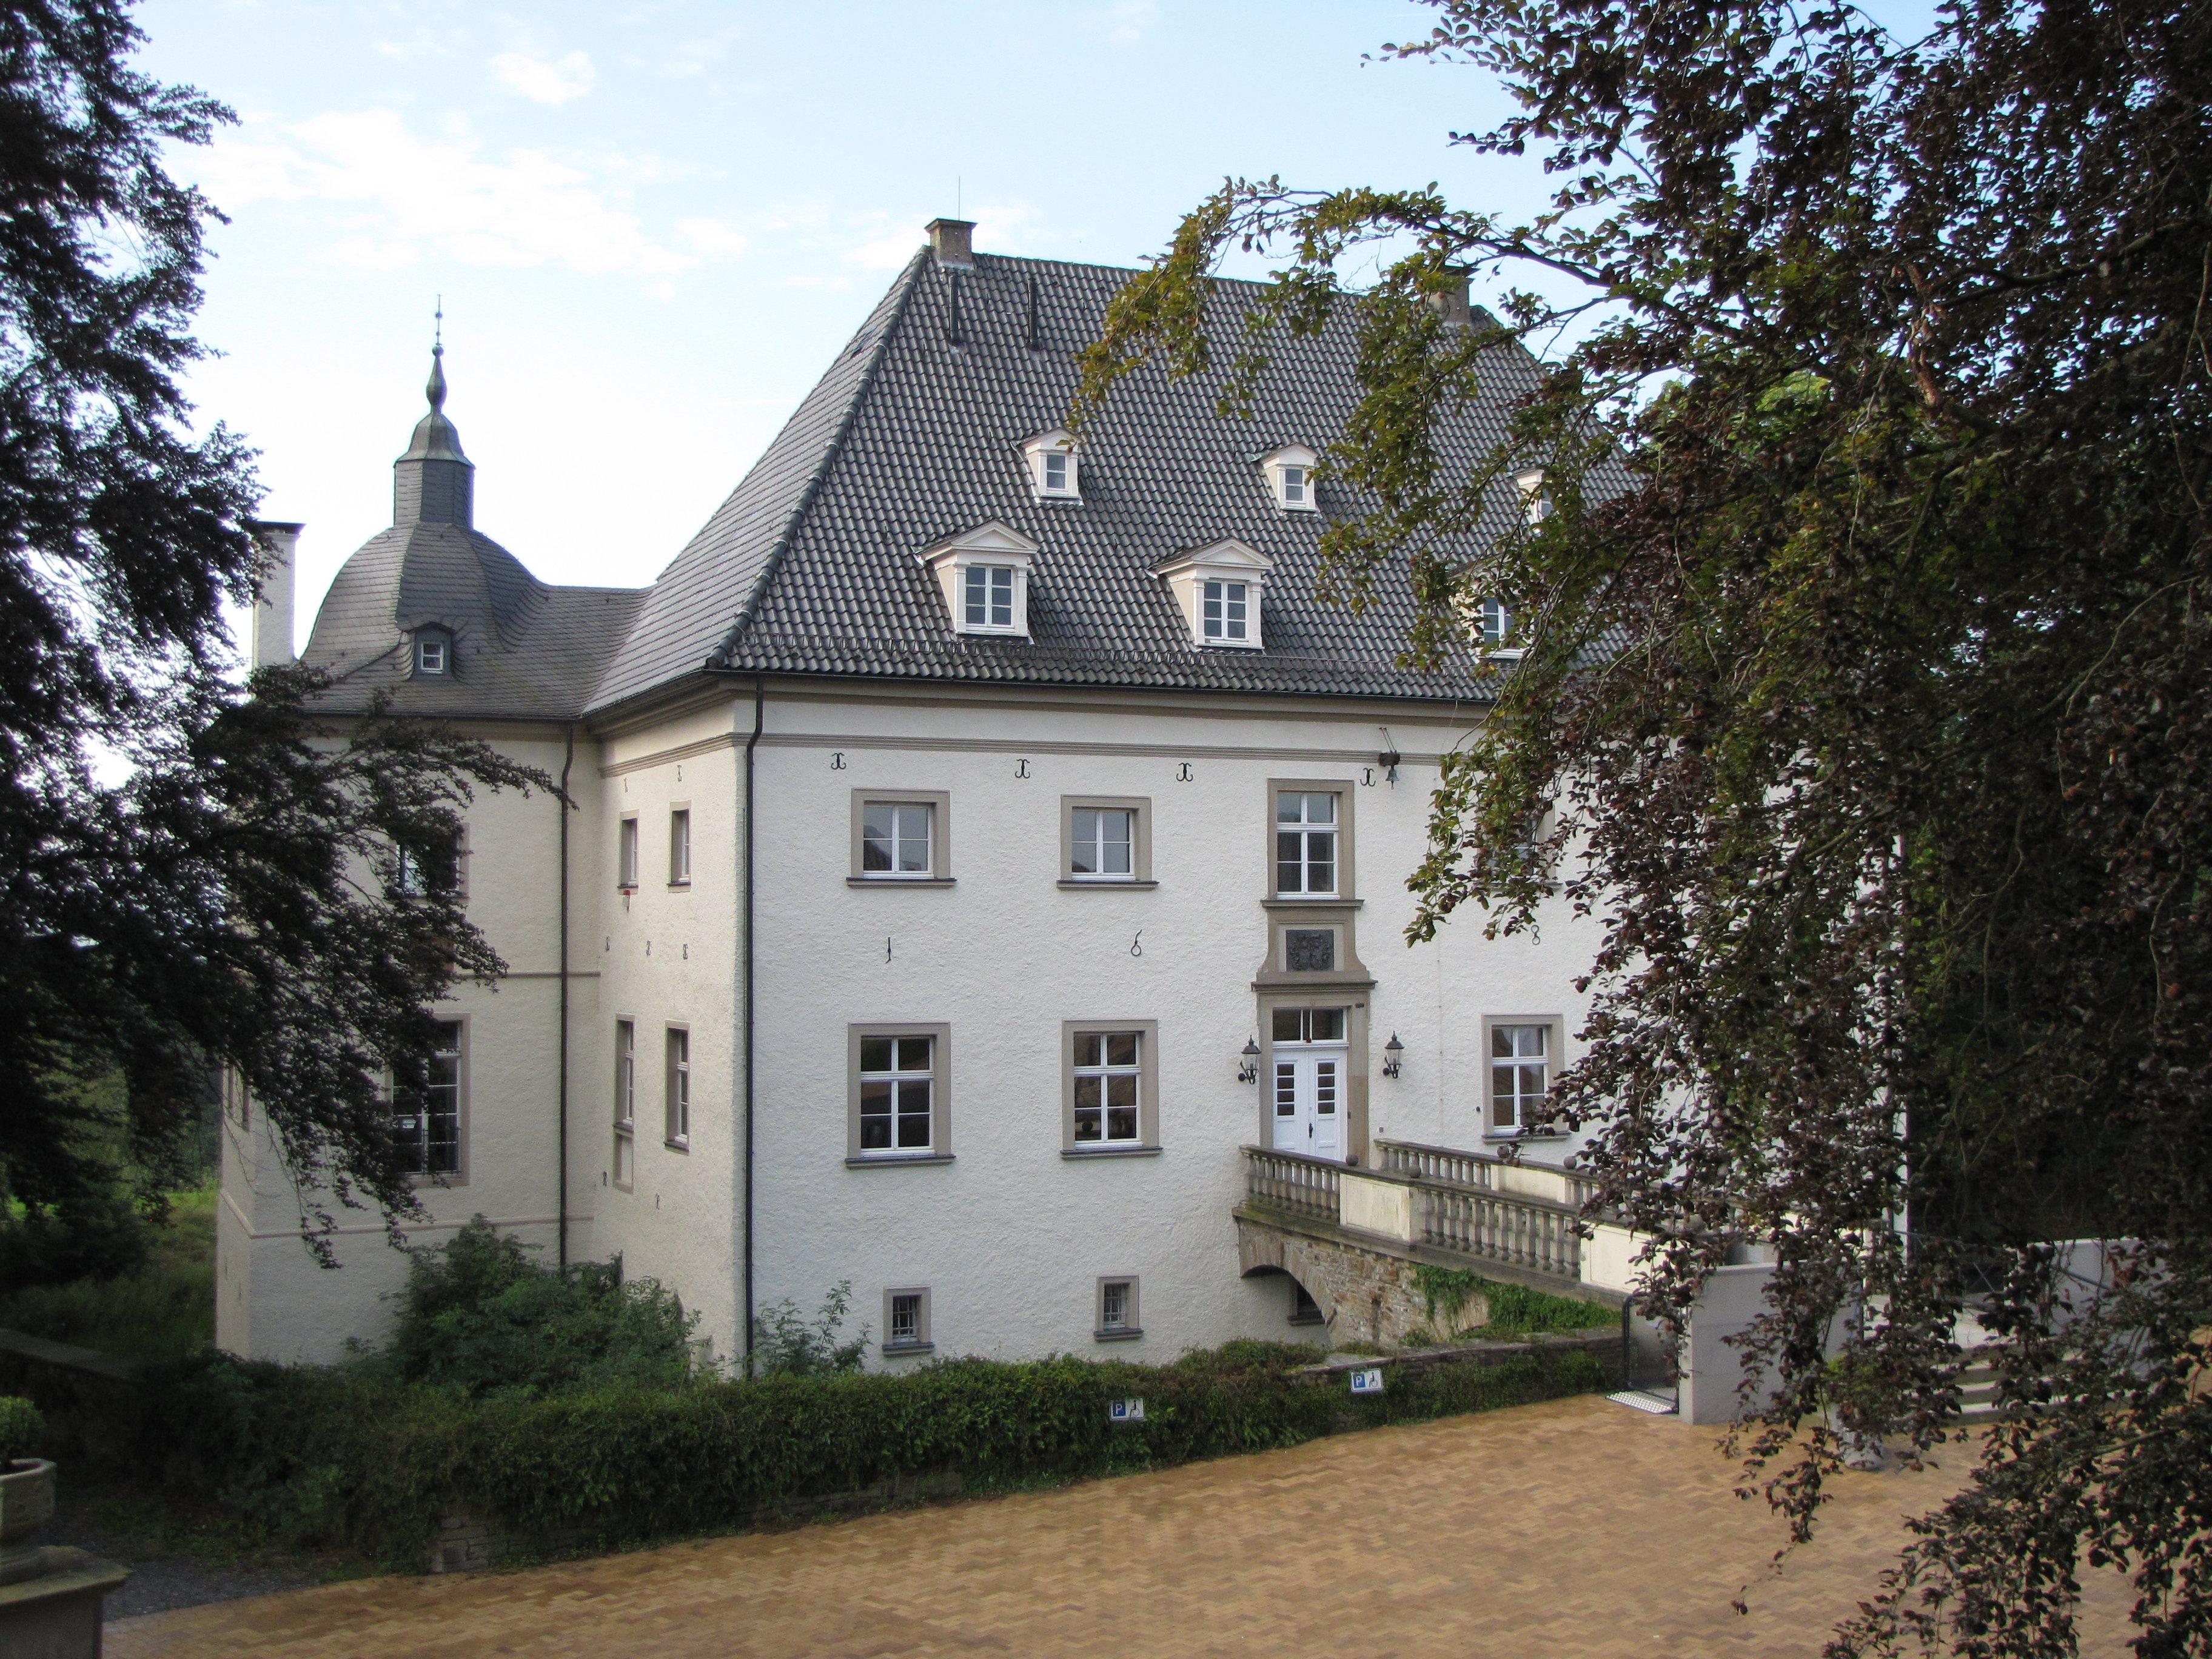 Das Bild zeigt das Haus Opherdicke in Holzwickede